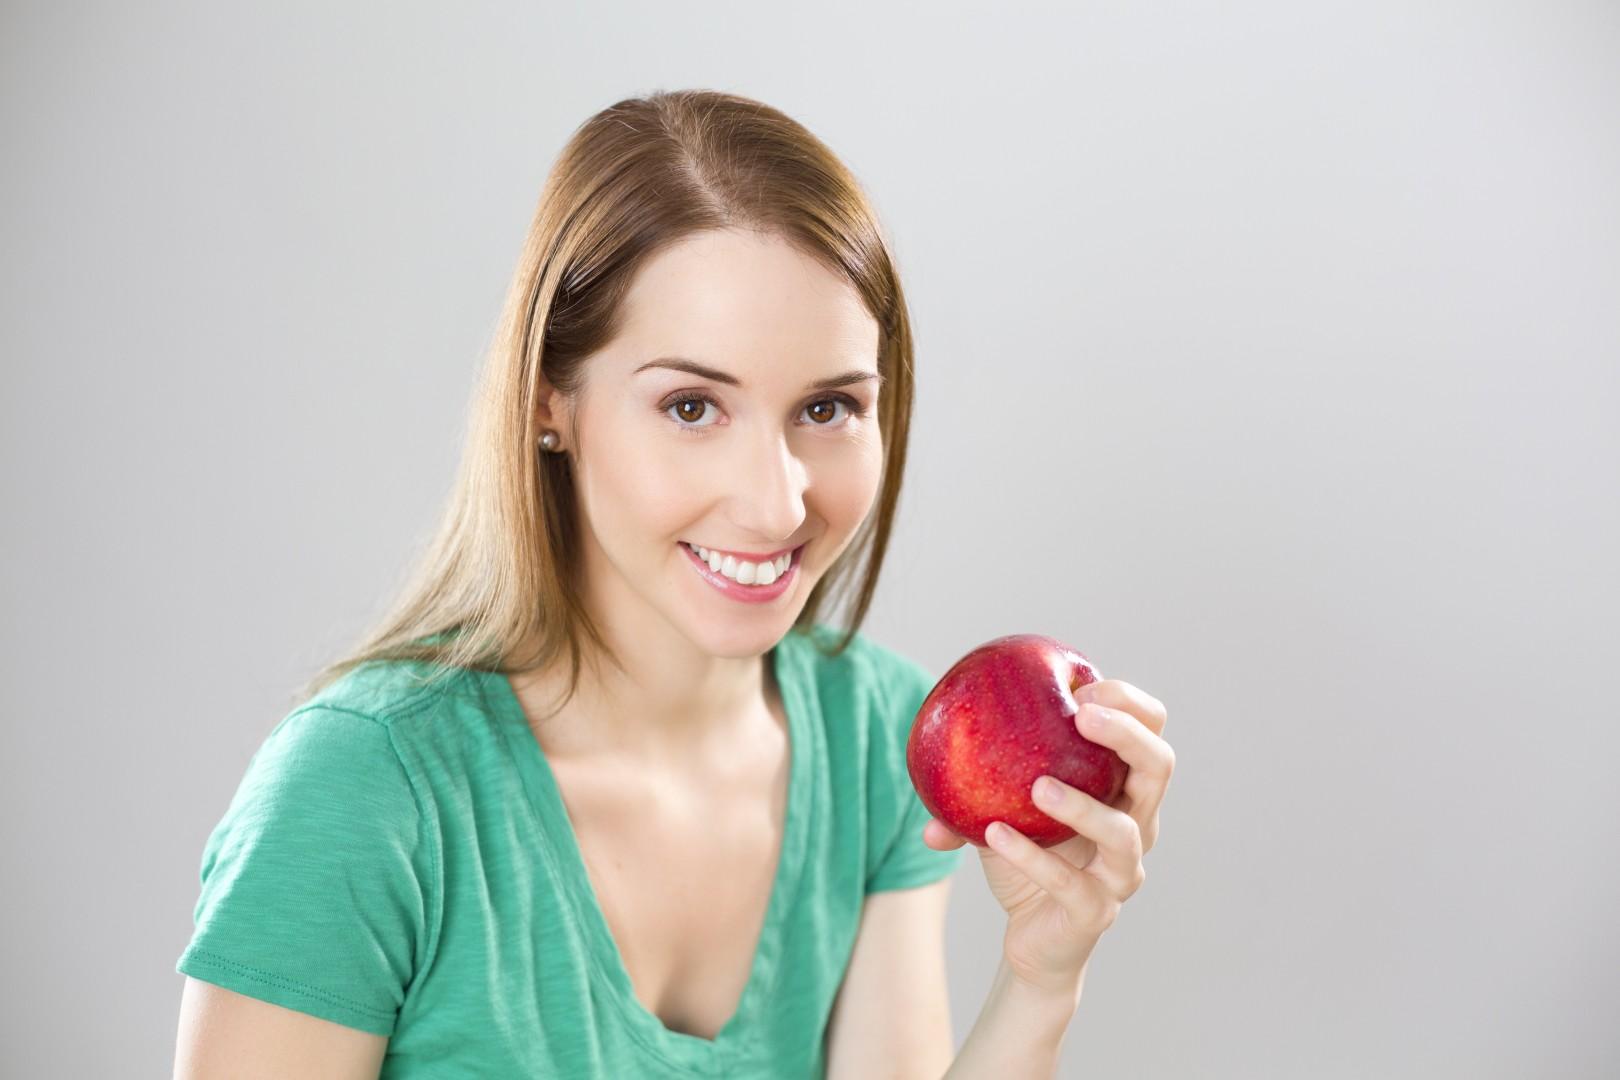 Jak wzmocnić odporność organizmu? Najlepsze preparaty na wzmocnienie